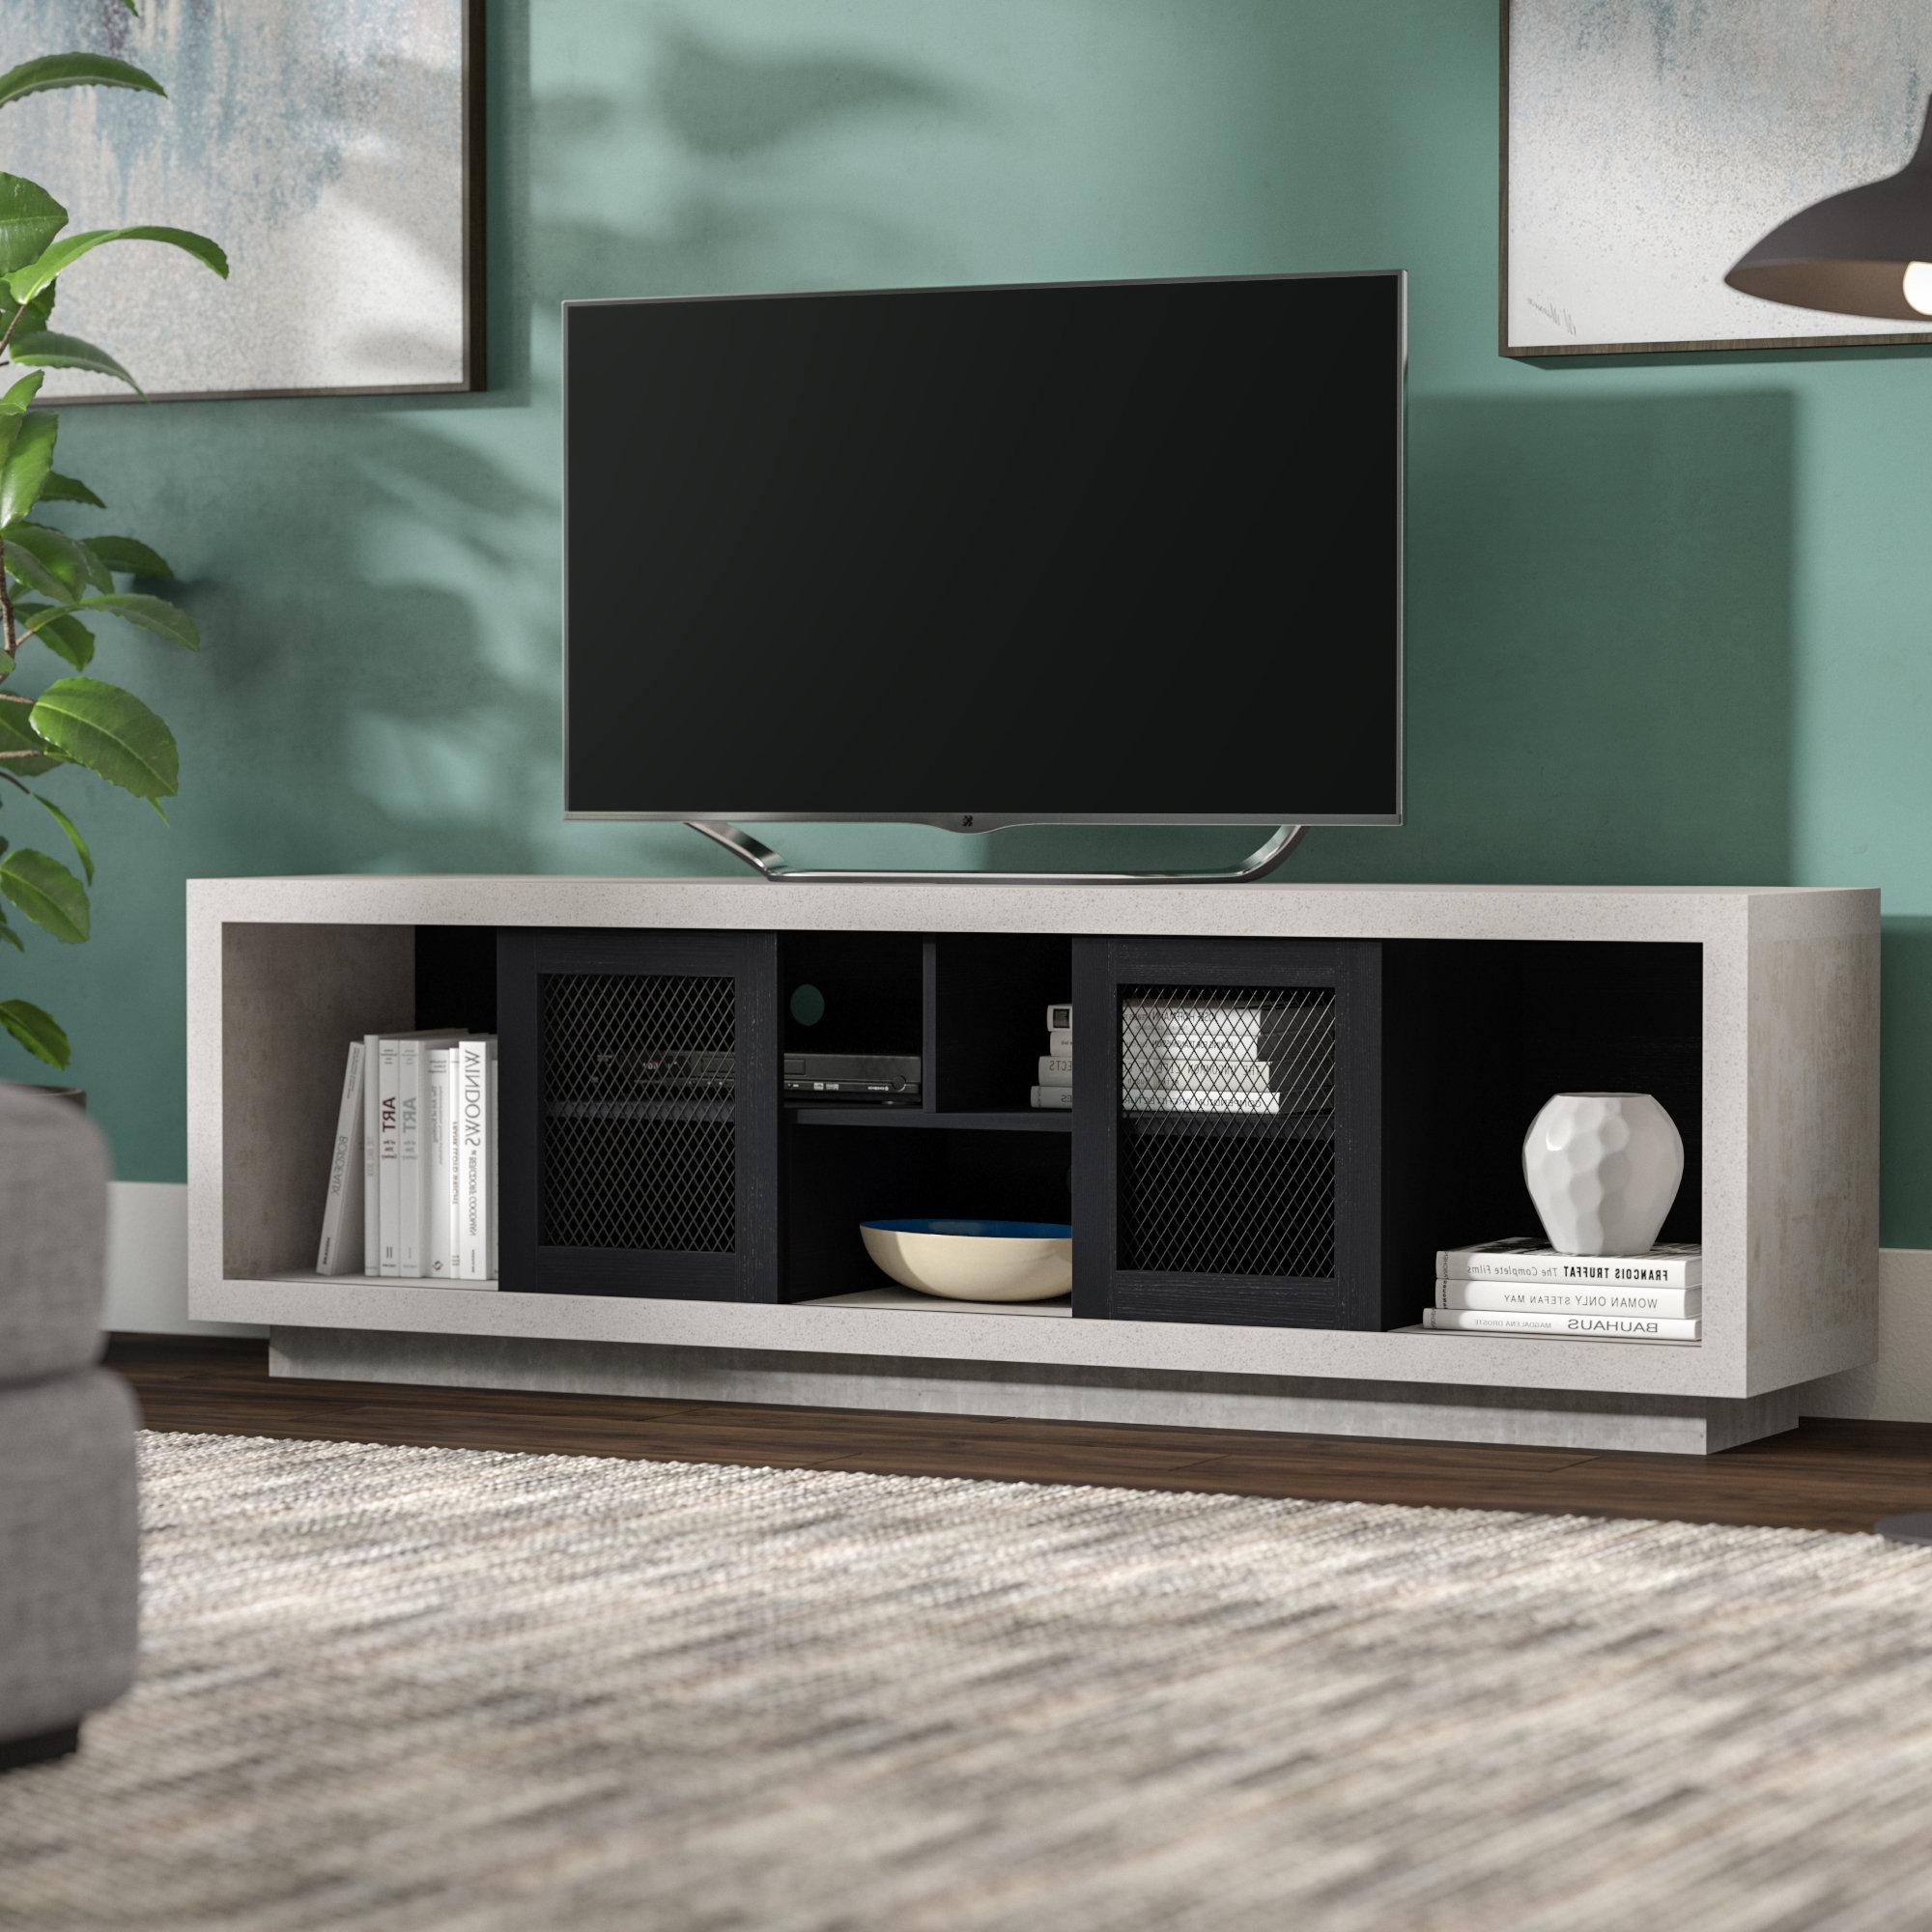 Best And Newest Brayden Studio Cioffi Industrial Tv Stand For Tvs Up To 70 For Industrial Tv Stands (View 2 of 20)